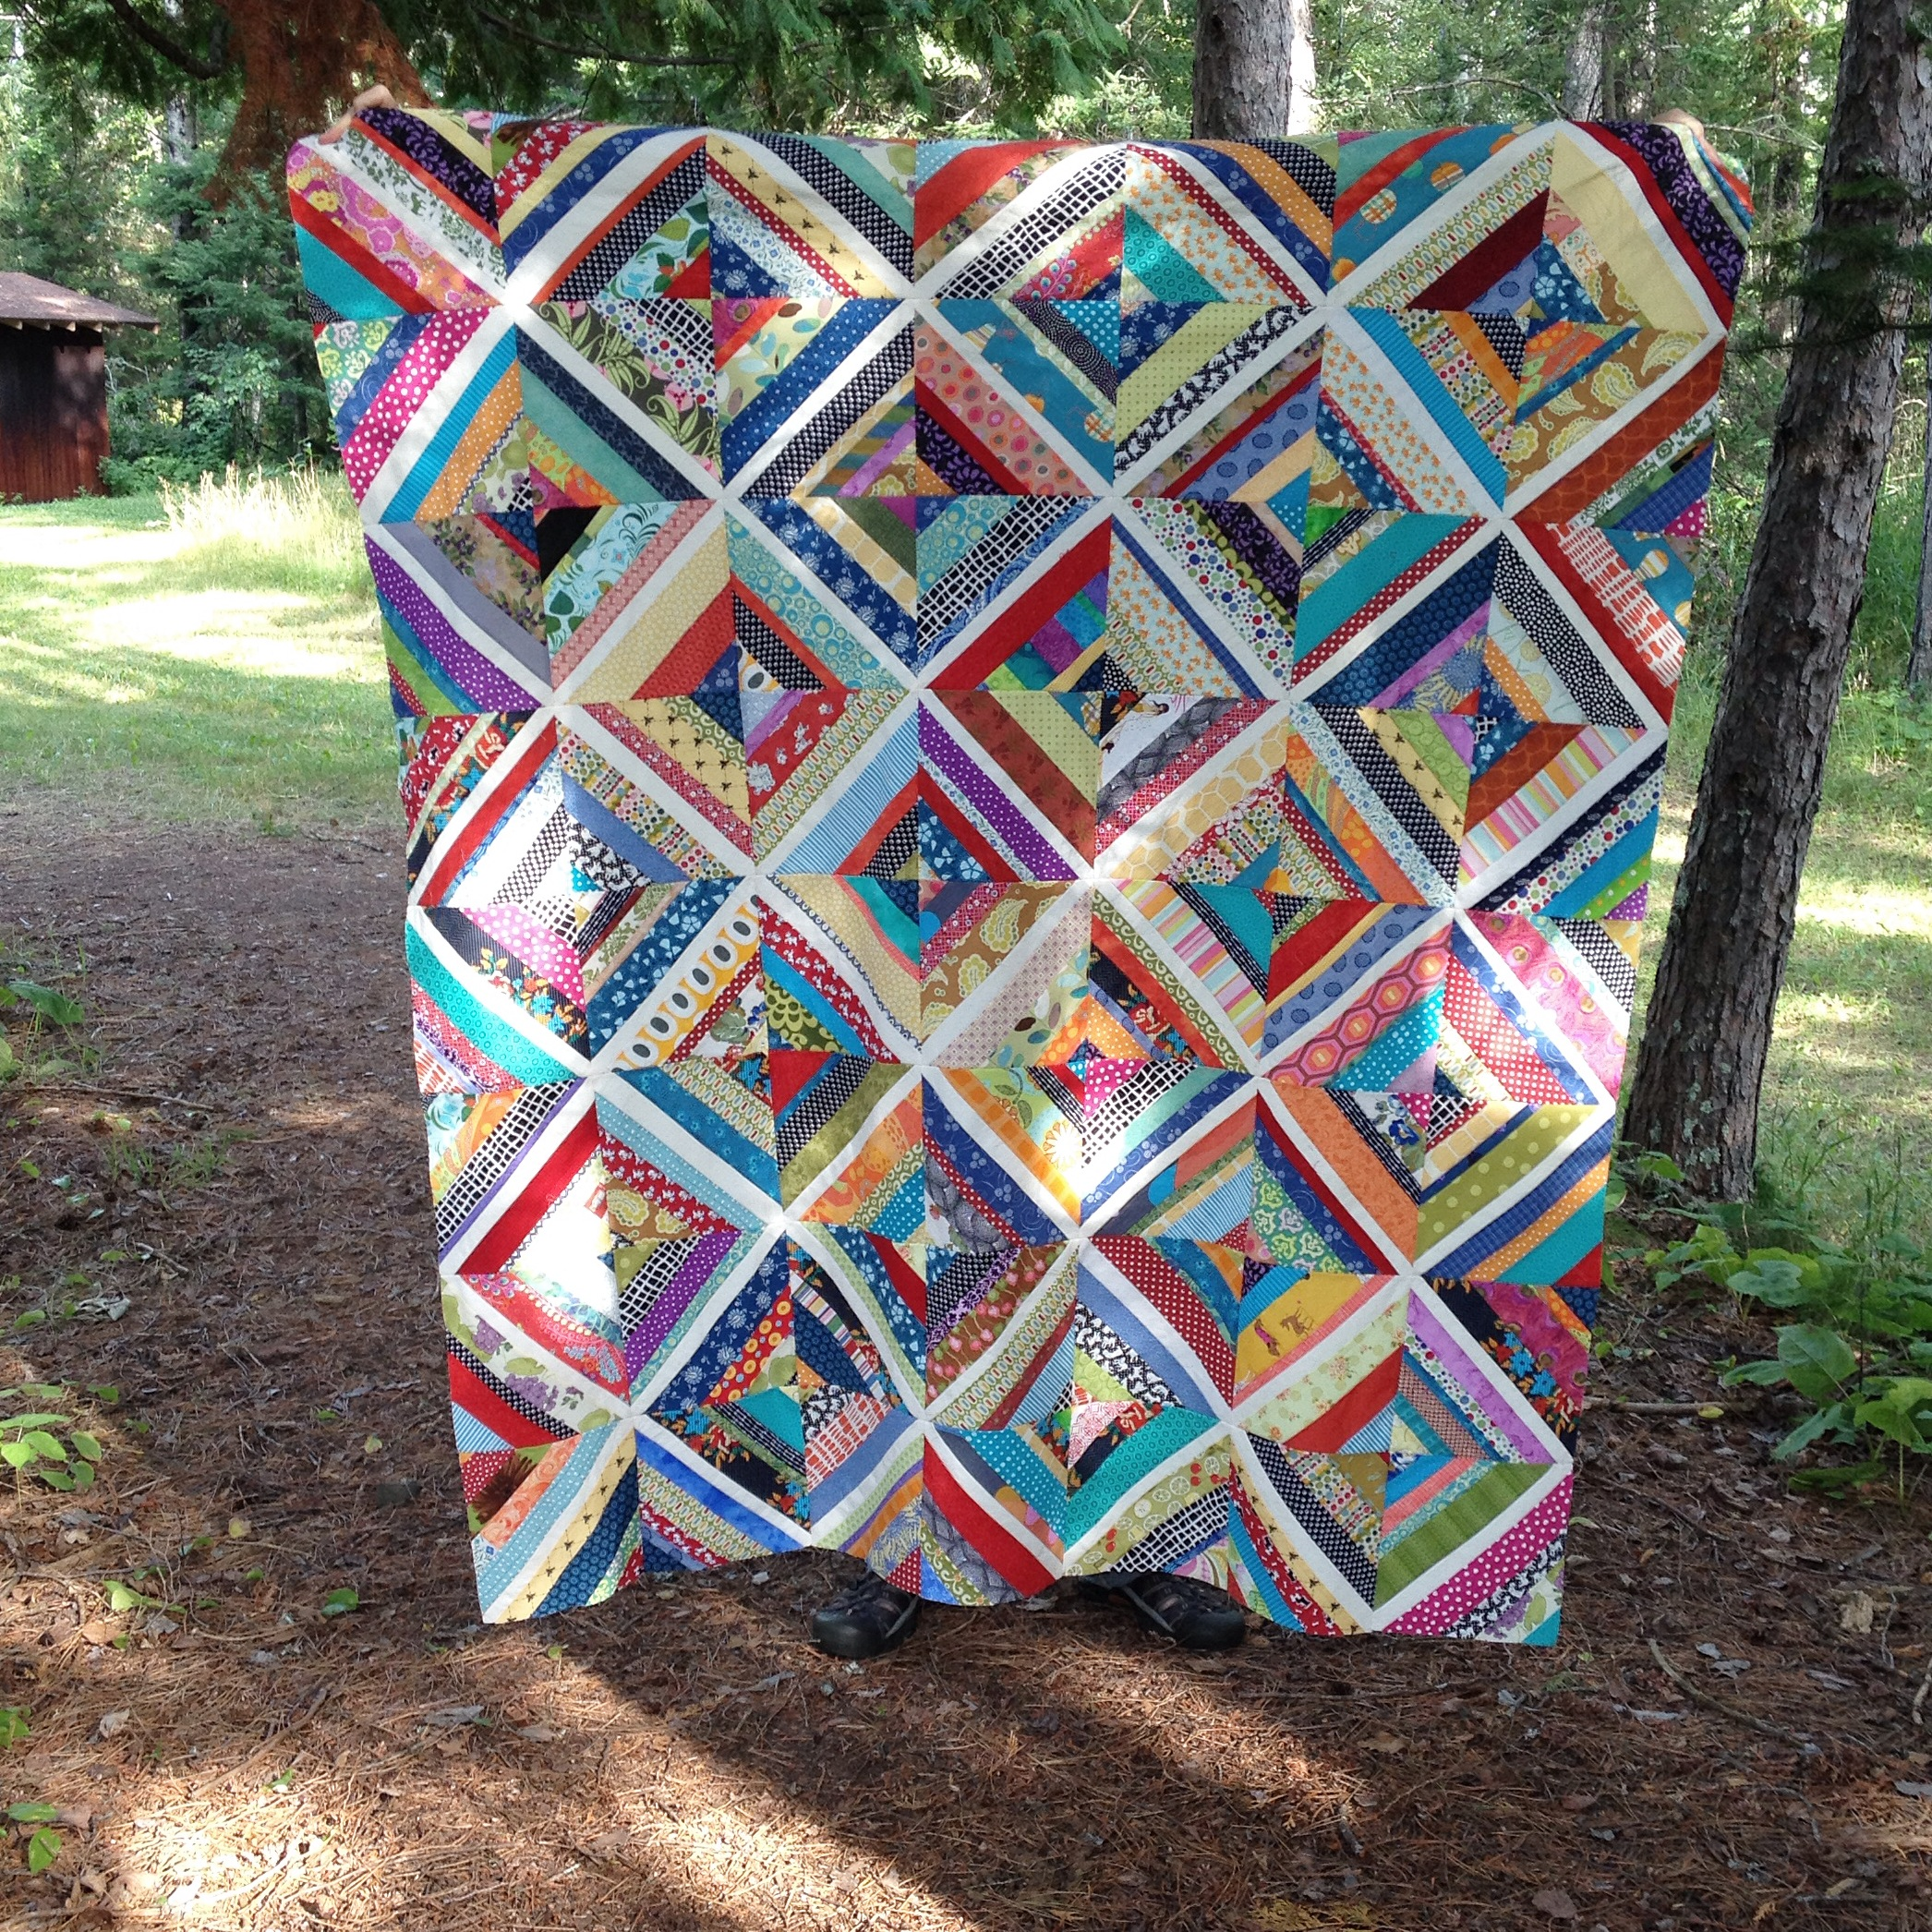 Linzee's string-pieced quilt